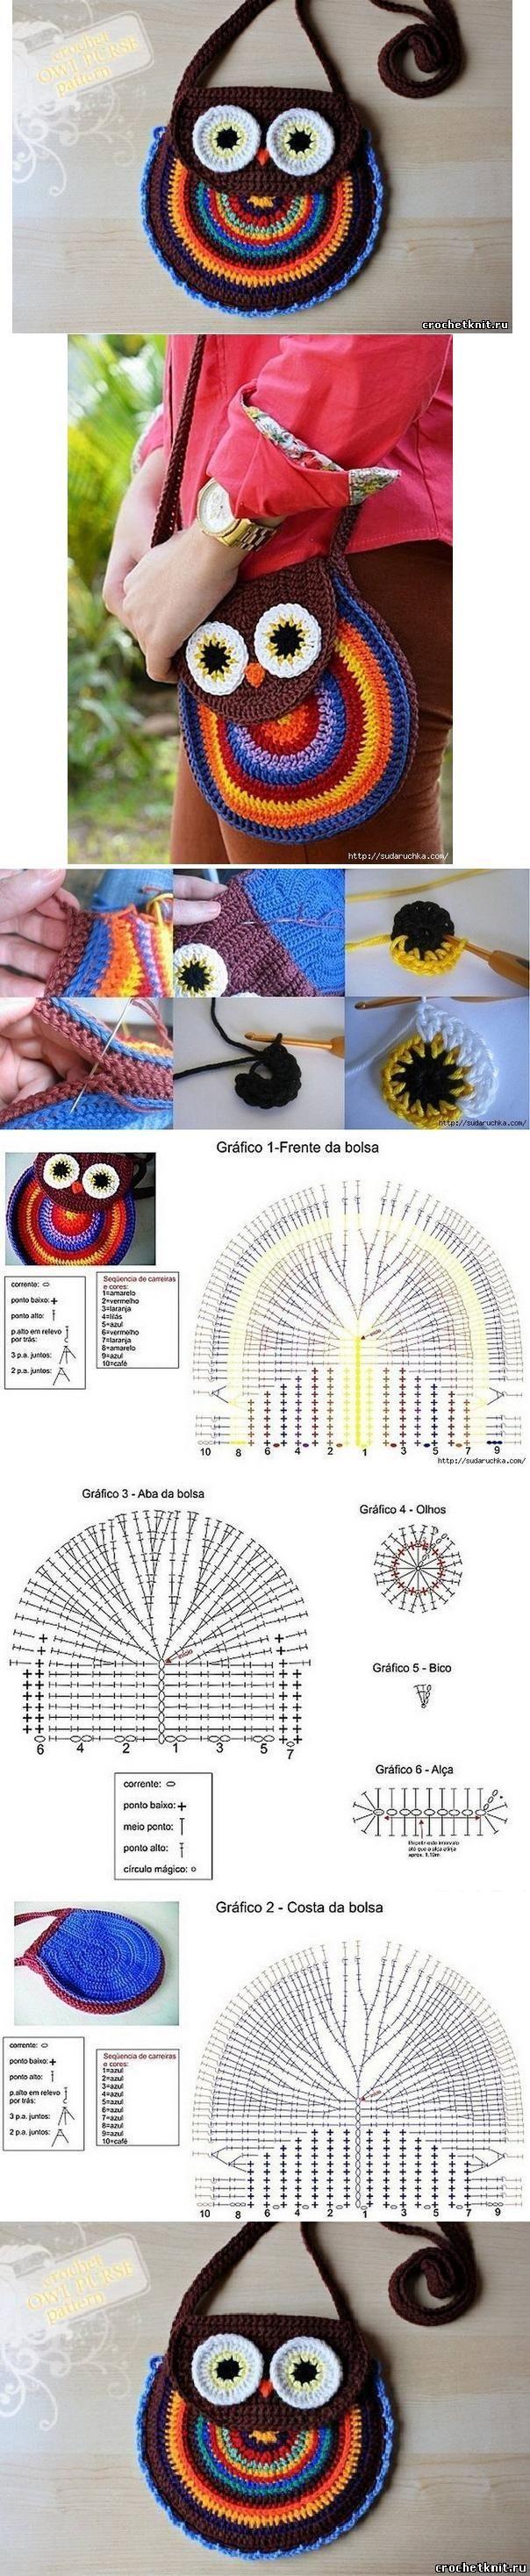 DIY del buho del ganchillo del patrón del monedero LIKE Us on Facebook ==> https://www.facebook.com/UsefulDiy